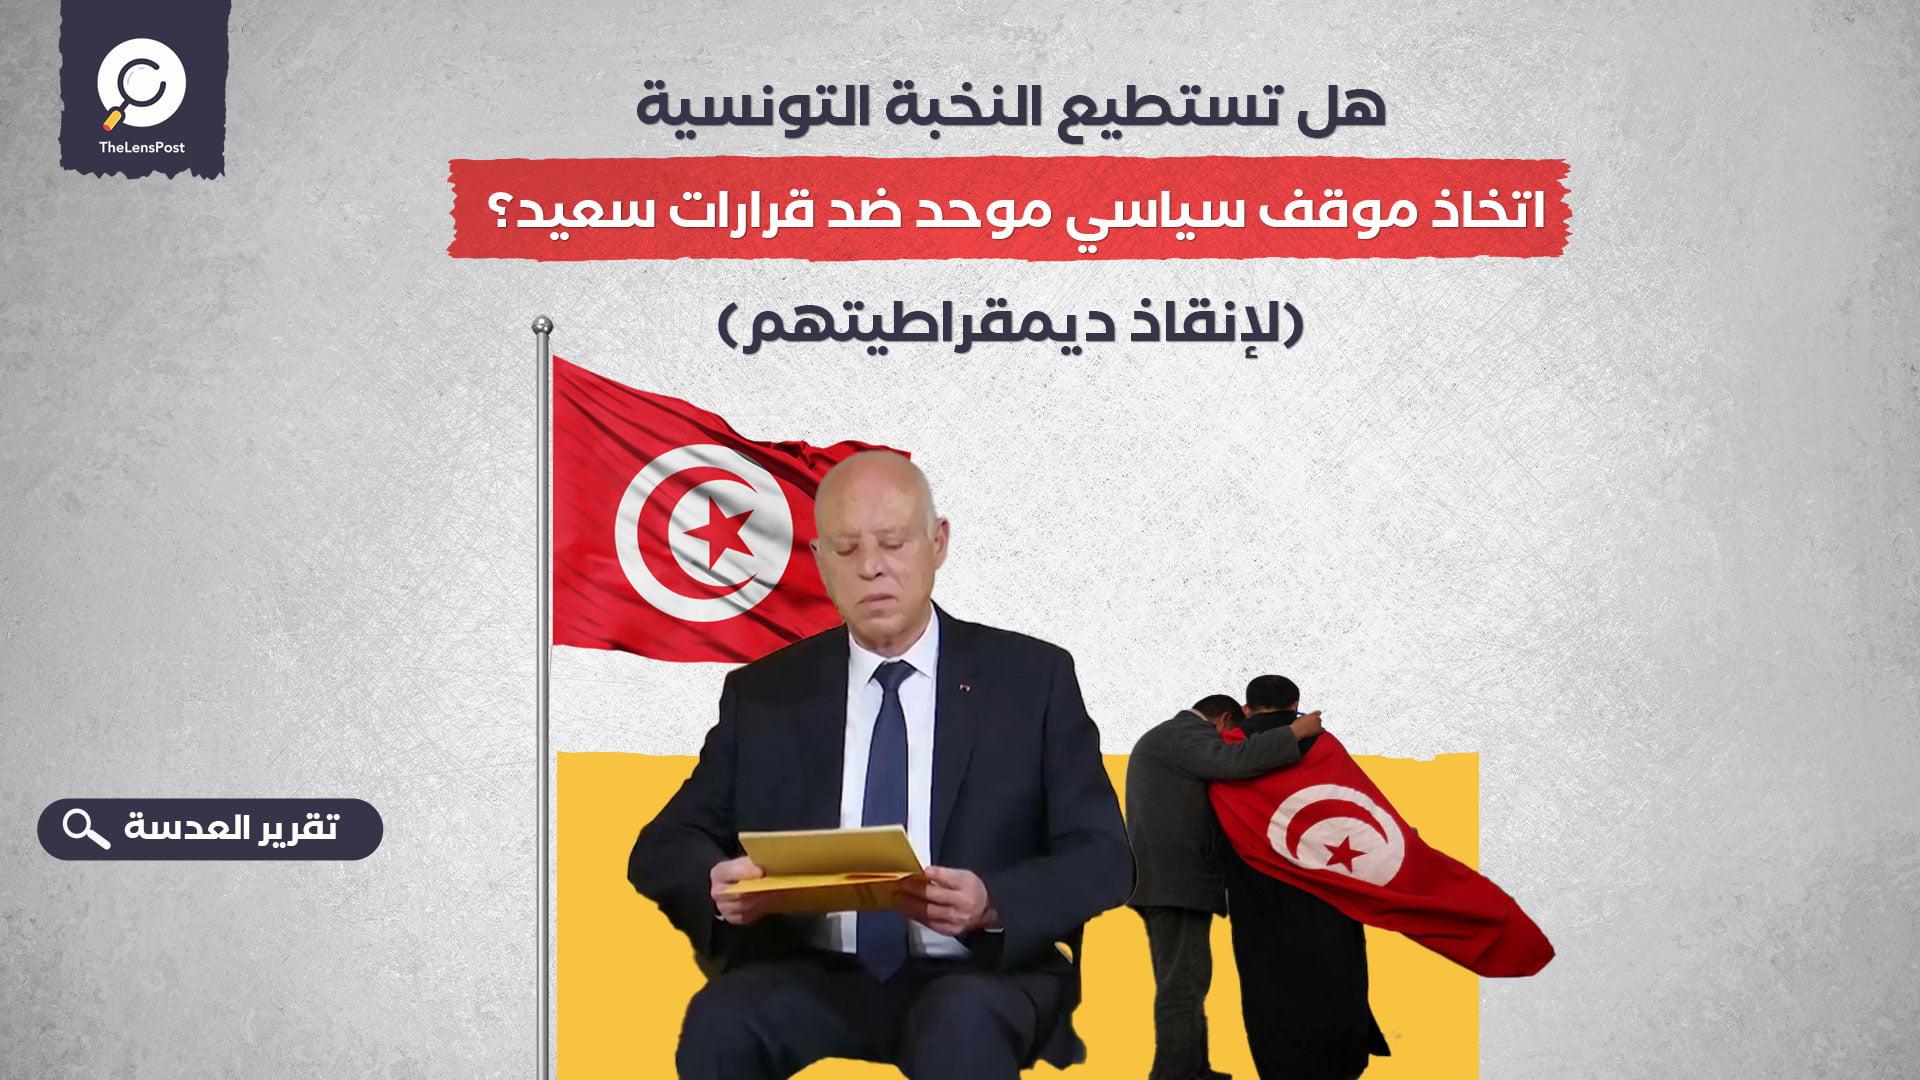 هل تستطيع النخبة التونسية اتخاذ موقف سياسي موحد ضد قرارات سعيد؟